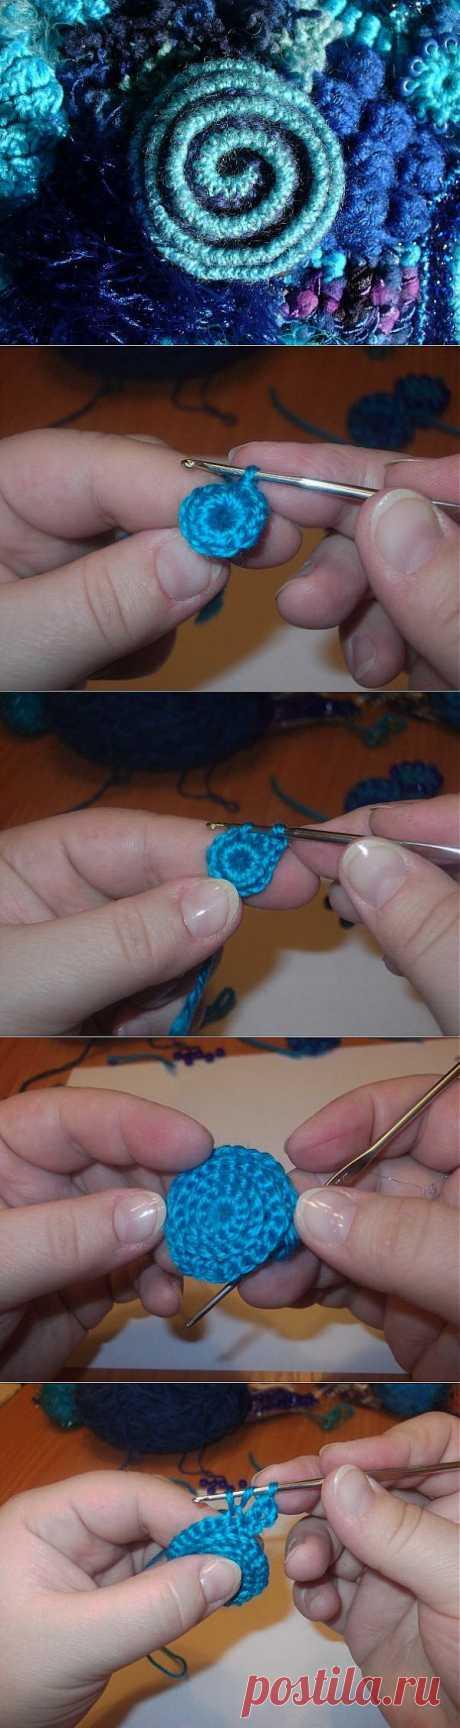 Вязание элемента в технике фриформ - двухуровневая спираль - роза....